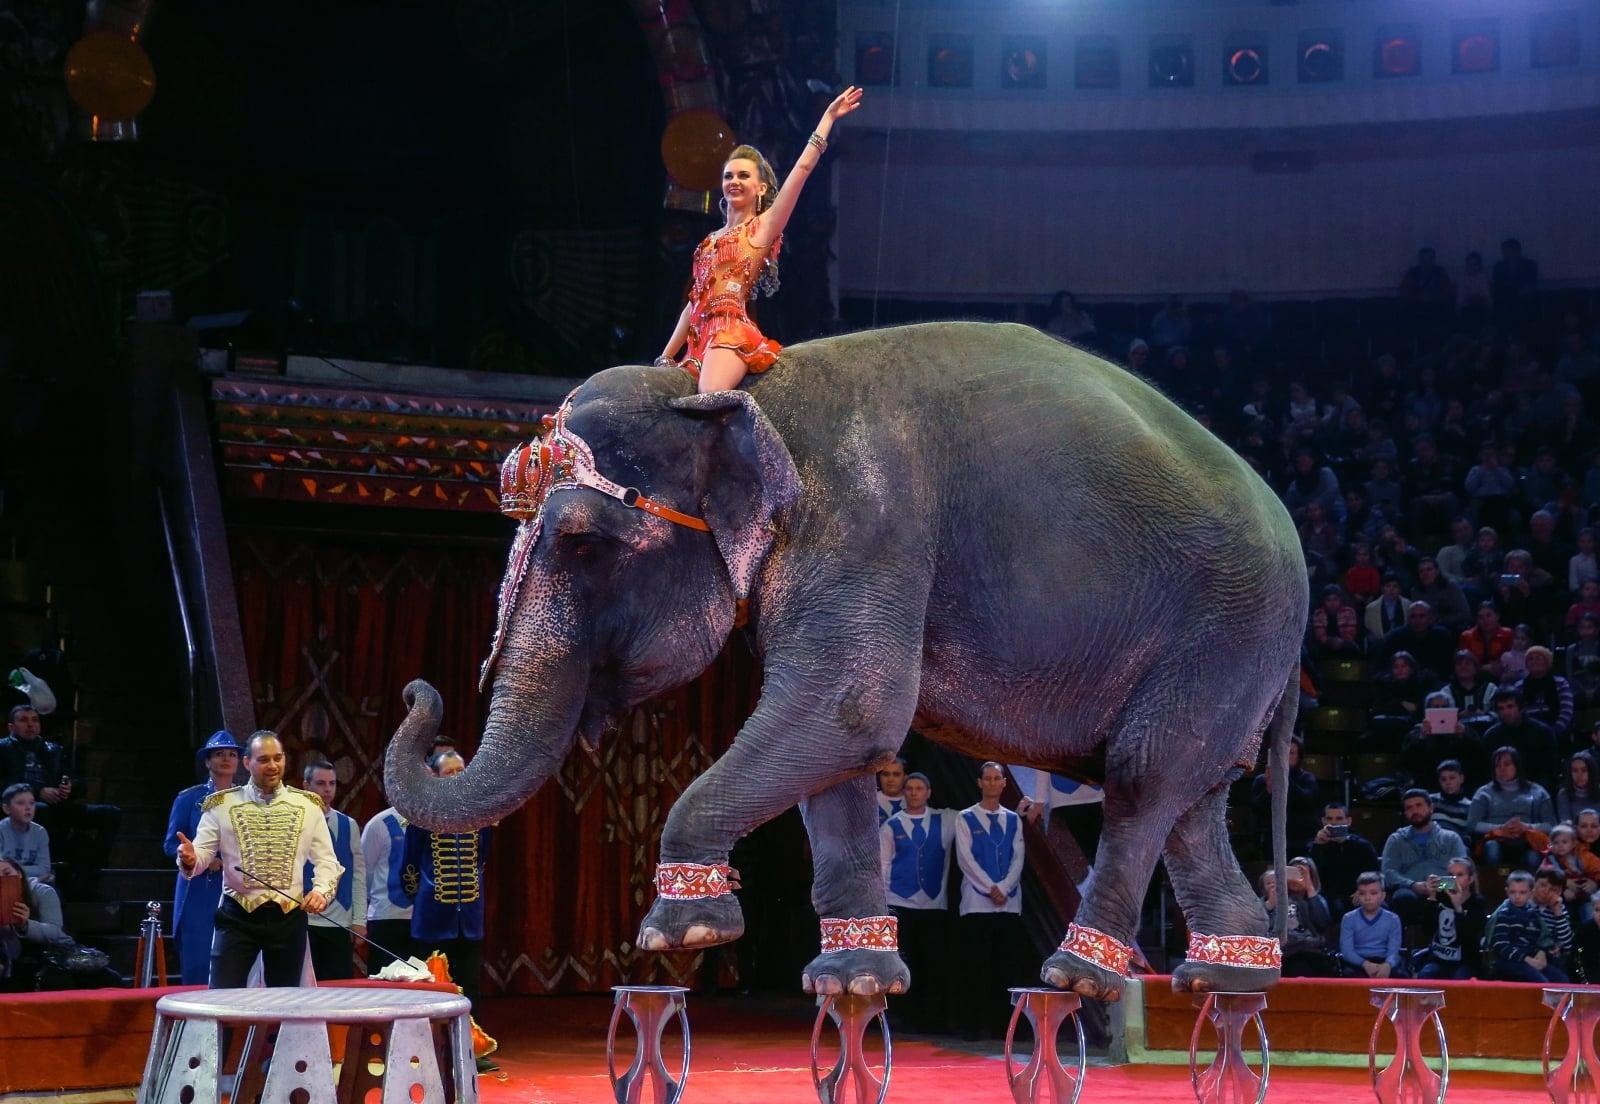 Słoń w trakcie występu w Narodowym Cyrku w Kijowie, Ukraina.